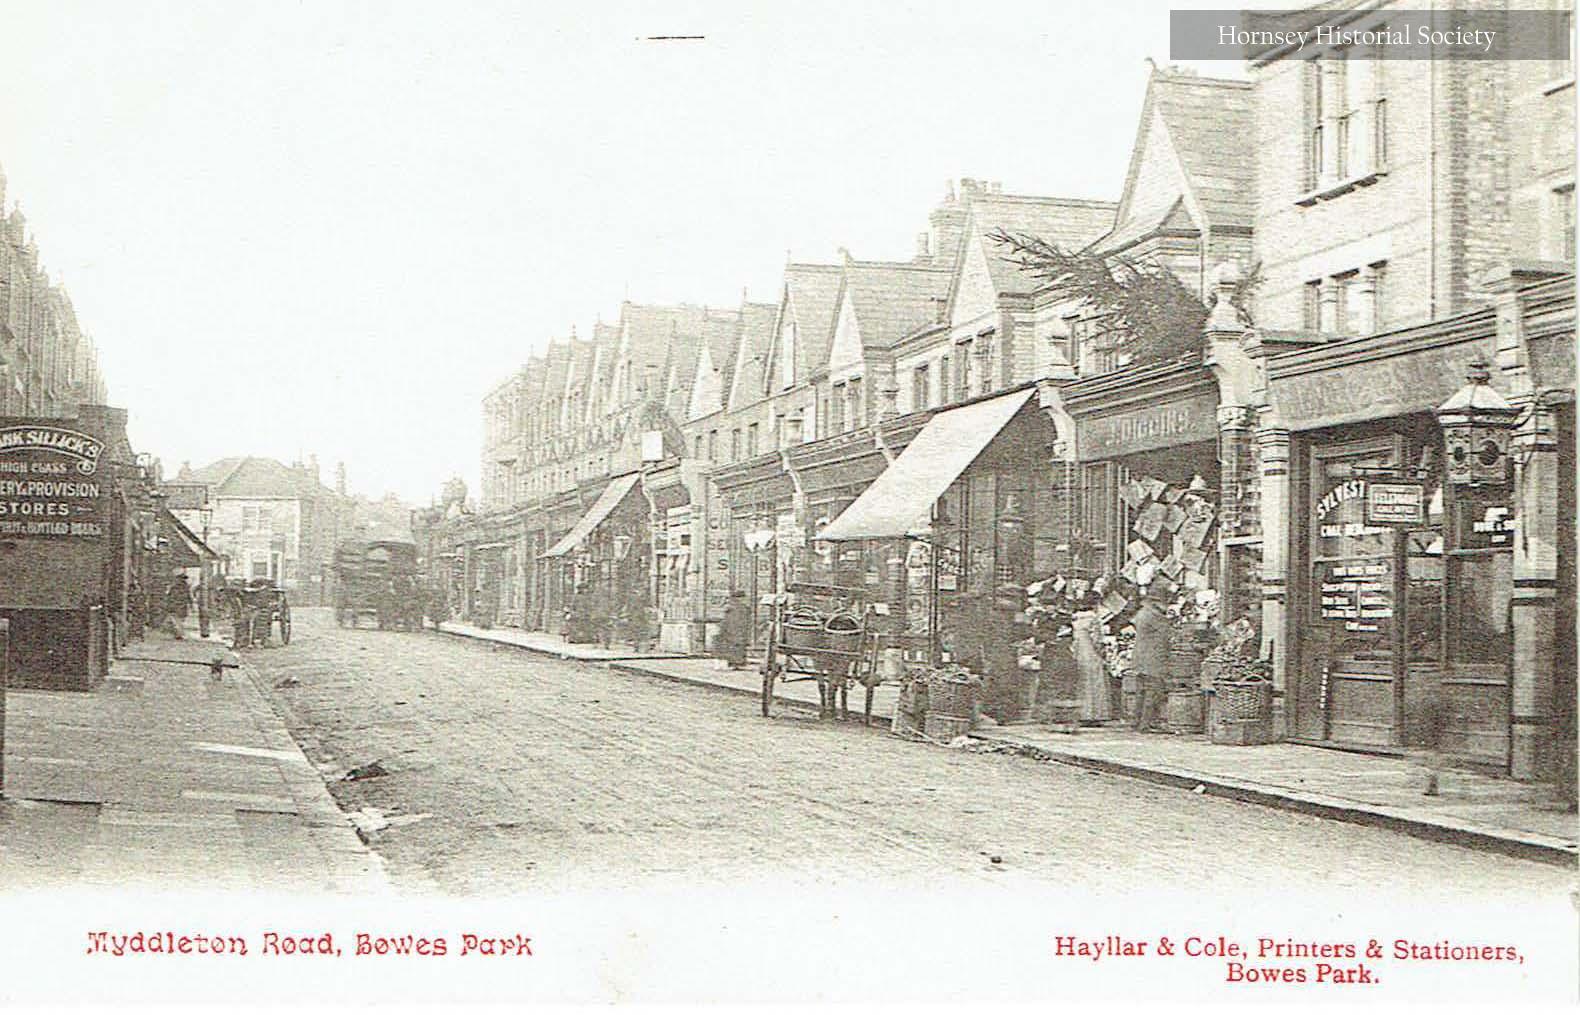 Myddleton Road